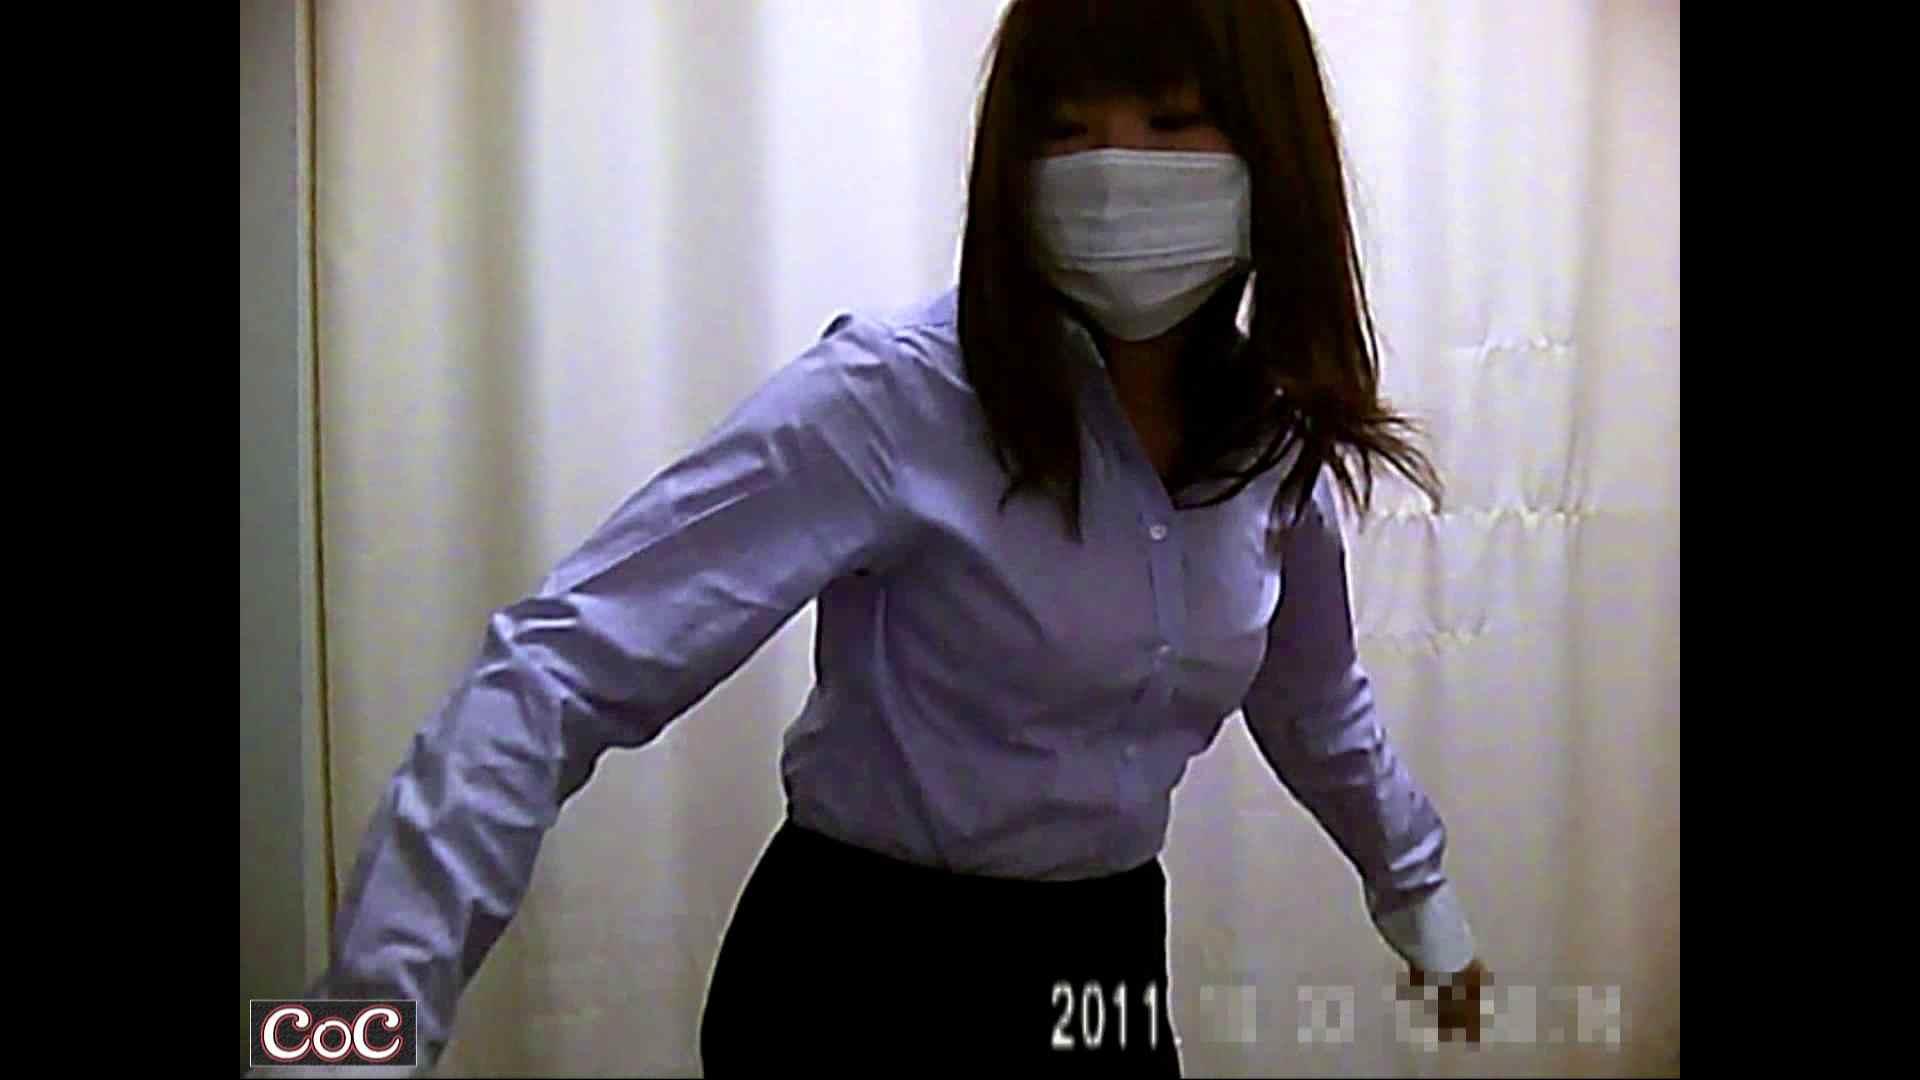 元医者による反抗 更衣室地獄絵巻 vol.248 OLハメ撮り  67Pix 60